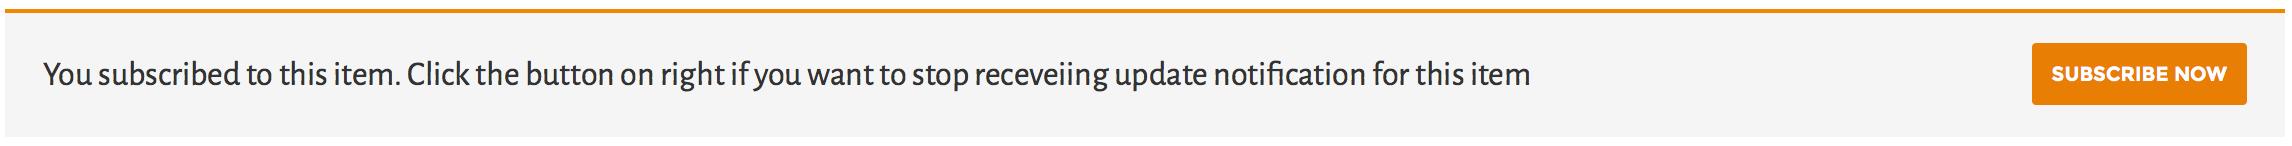 Stop Post Updates